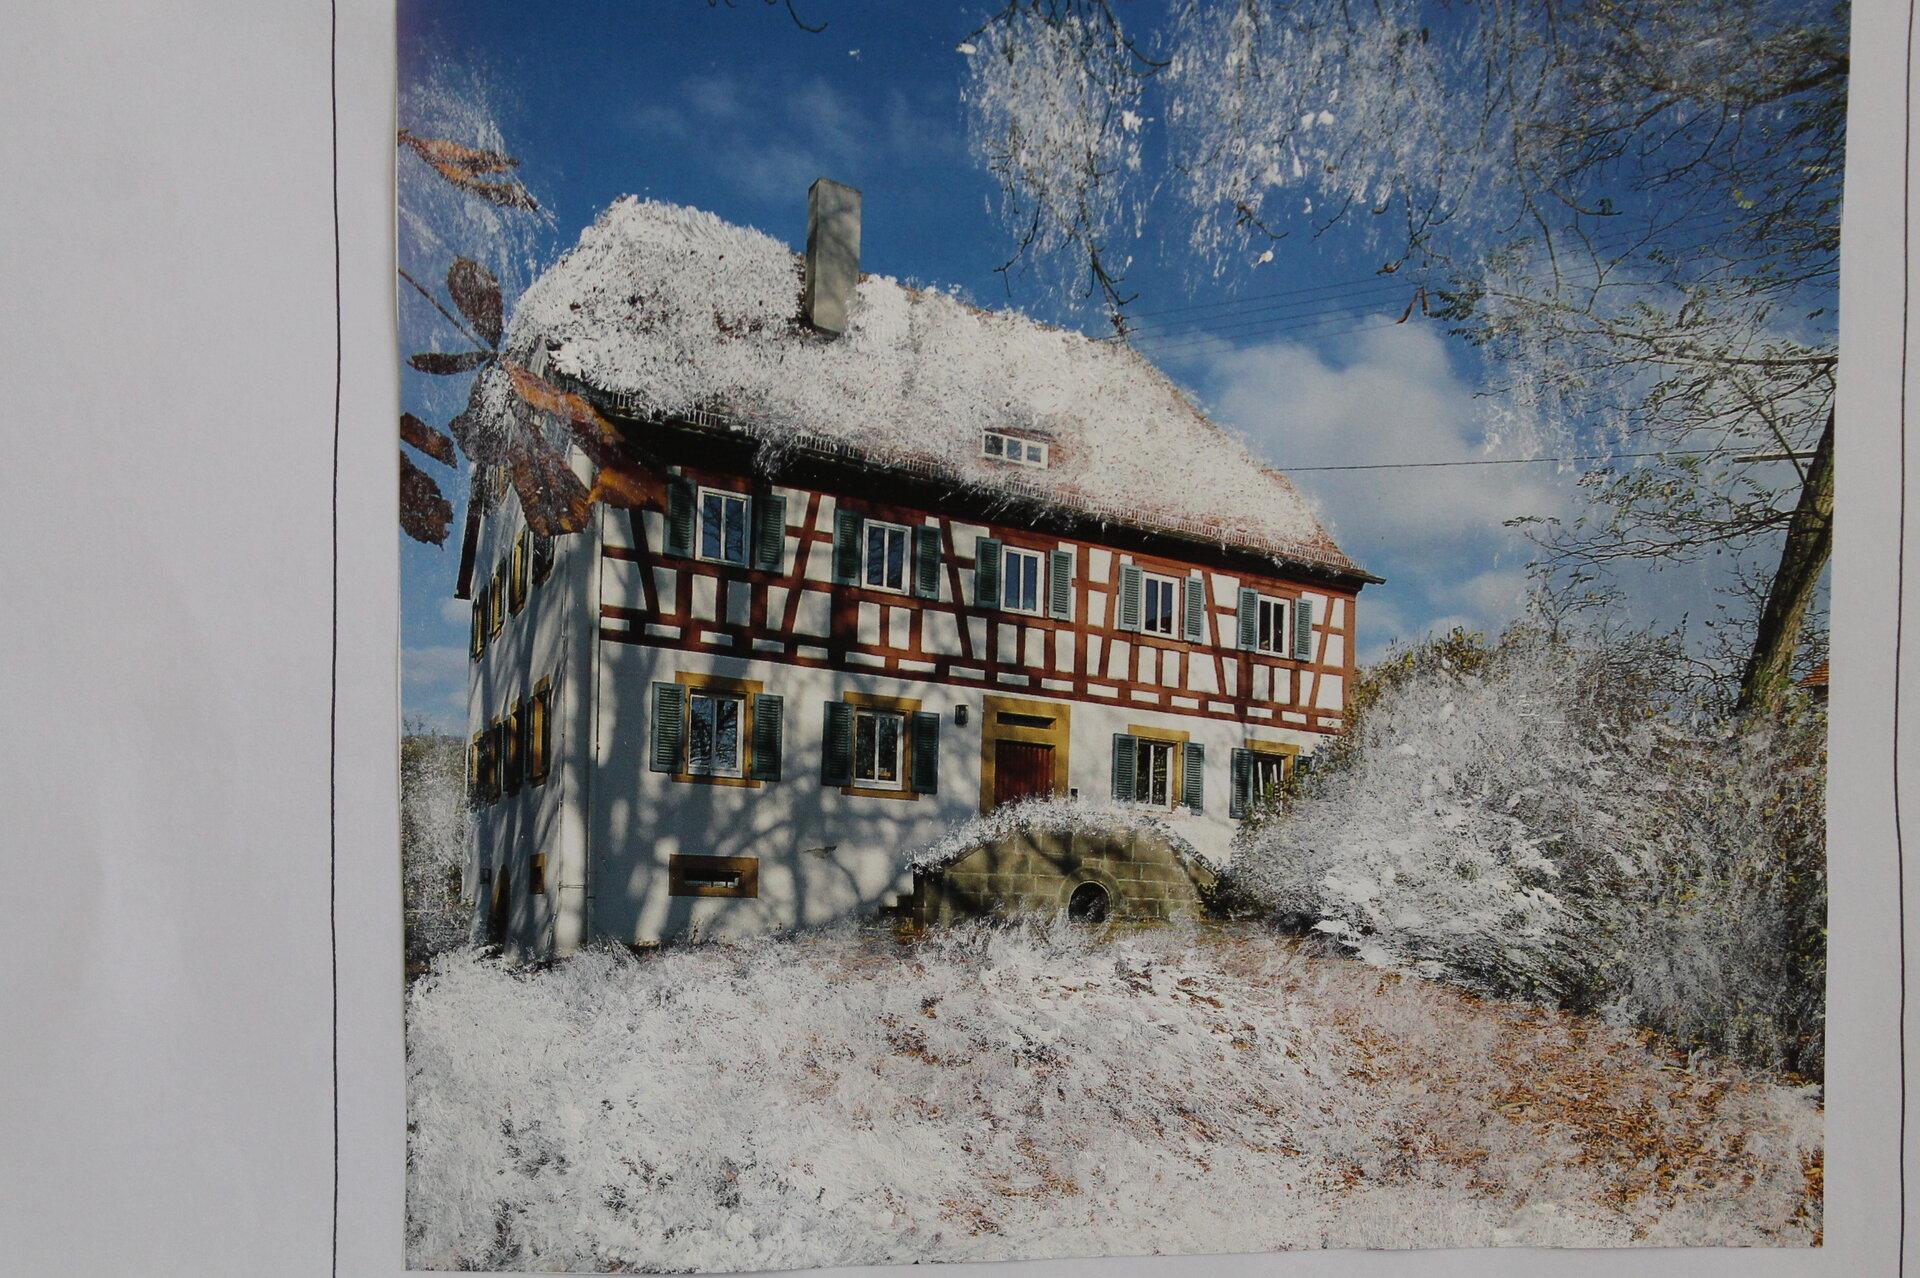 Winterbild4